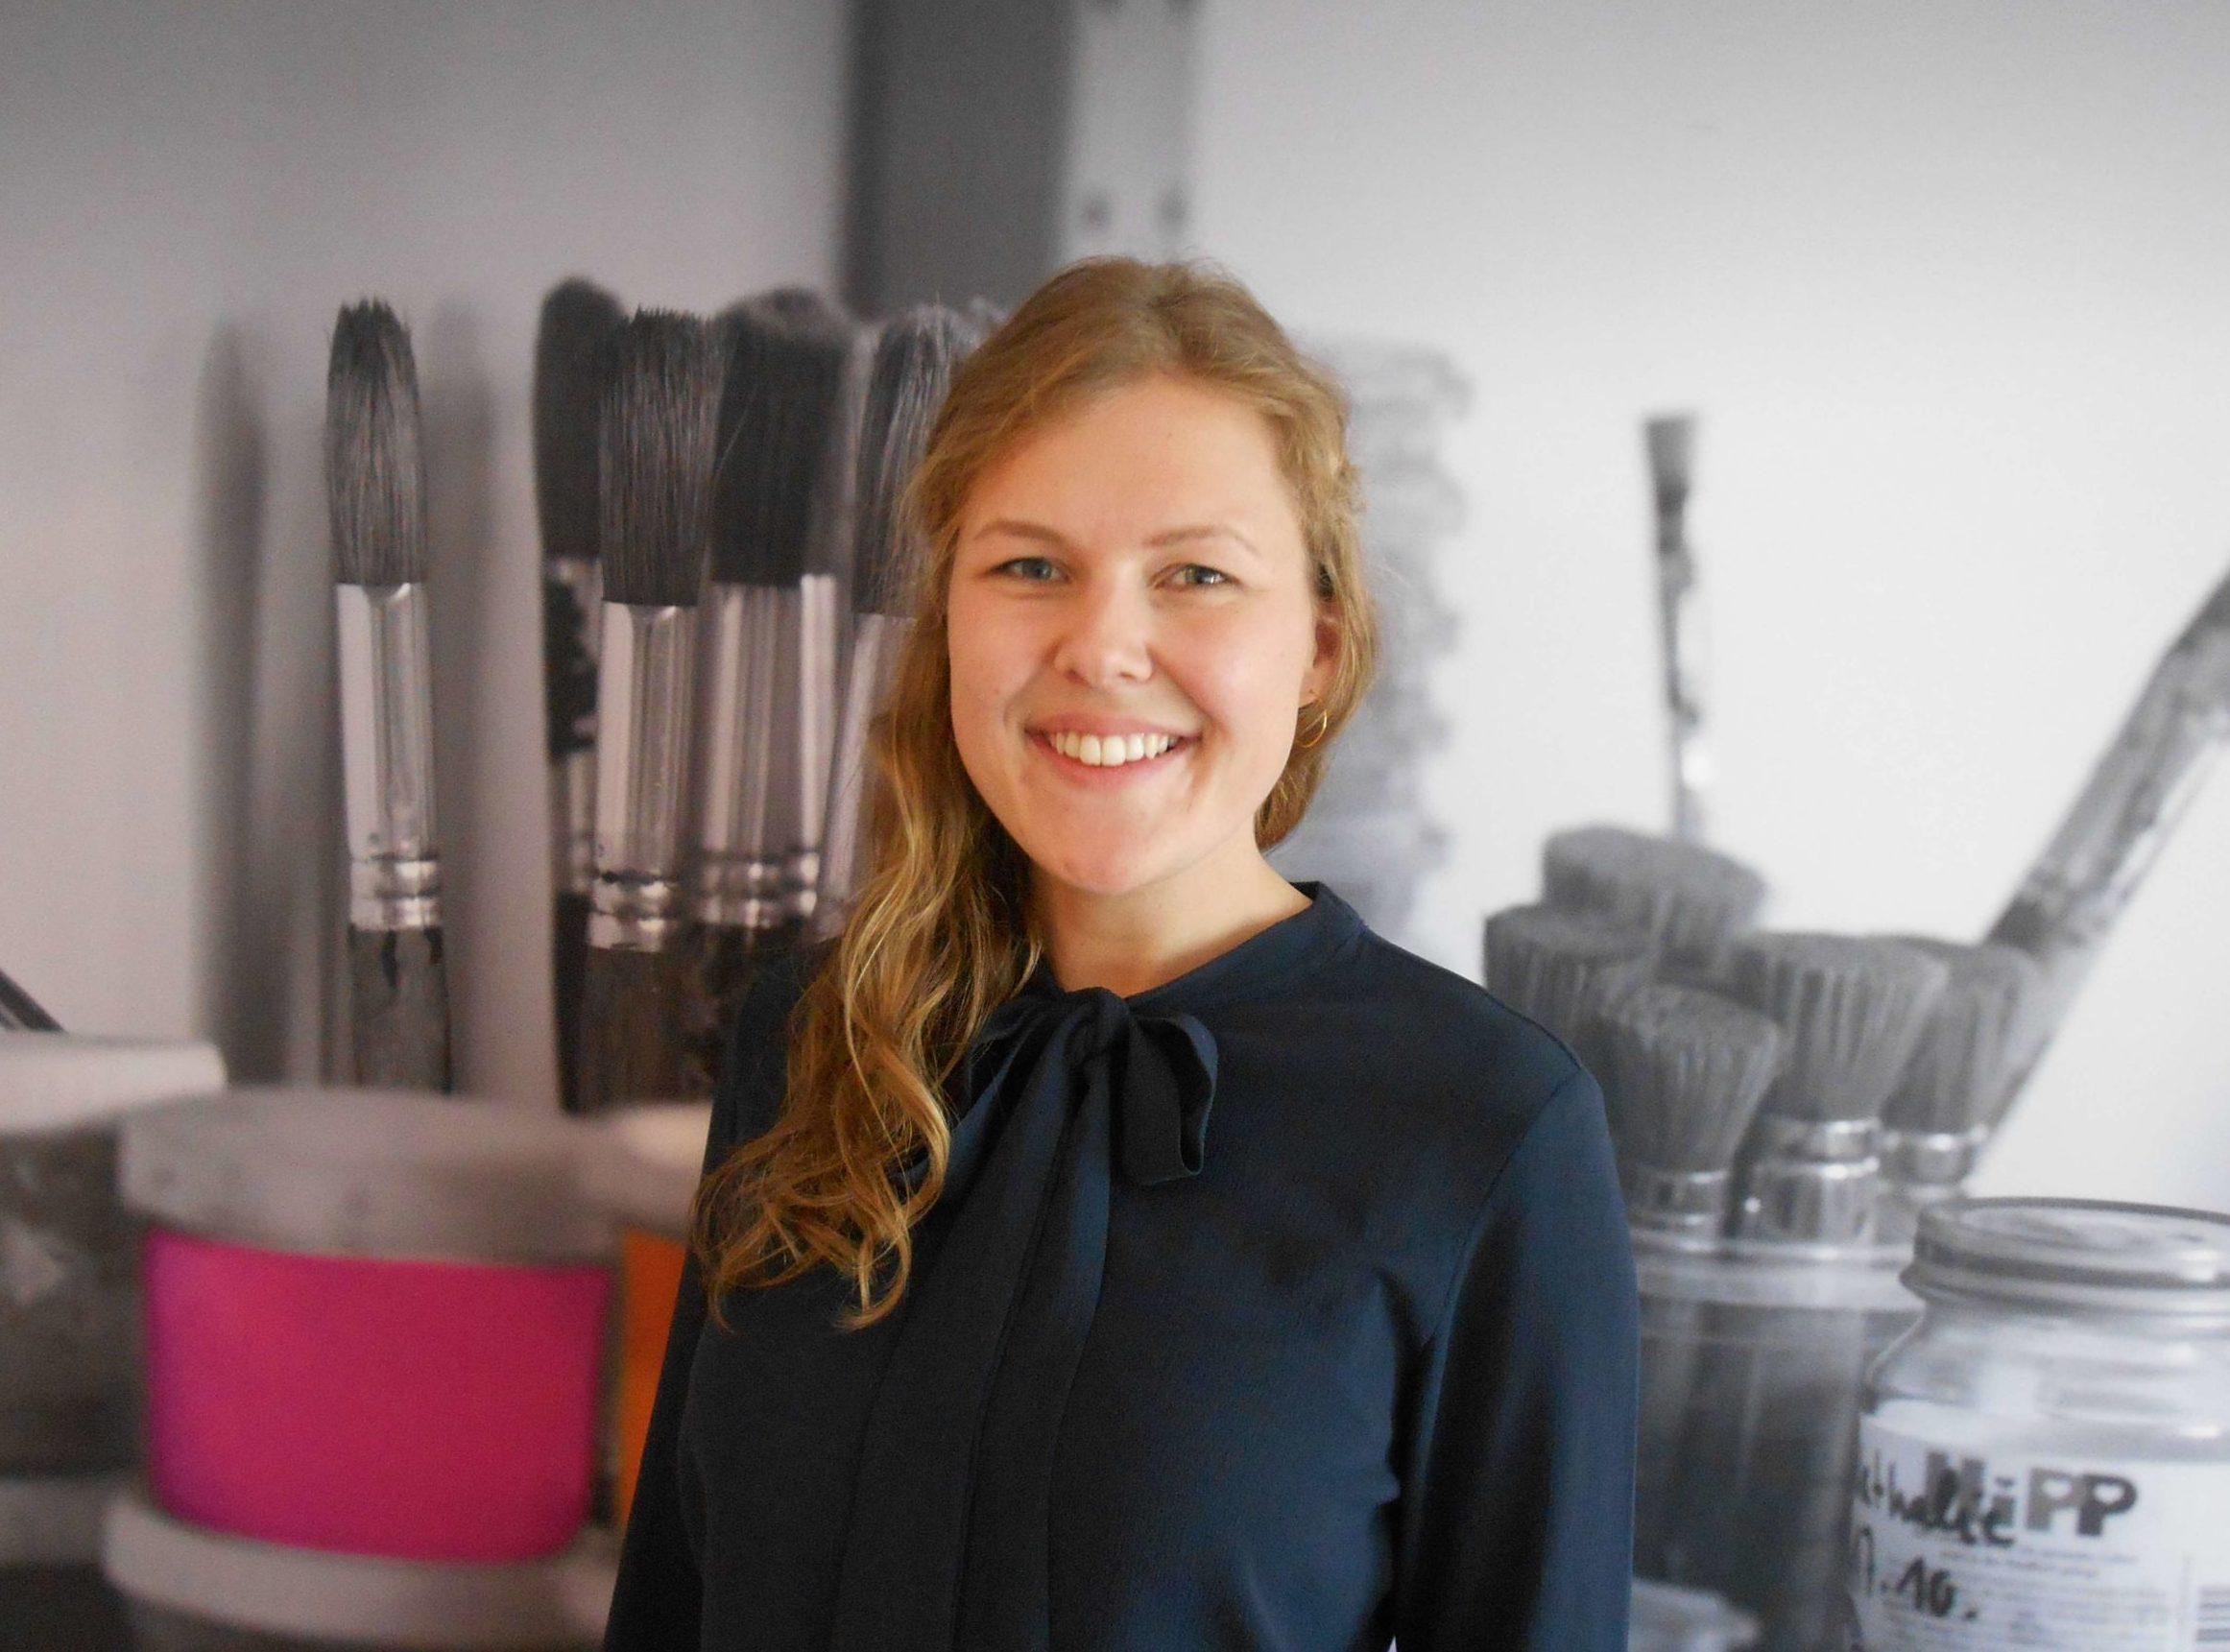 Ansprechpartnerin im Bewerbermanagement bei educcare Anne Sophie Wohllebe